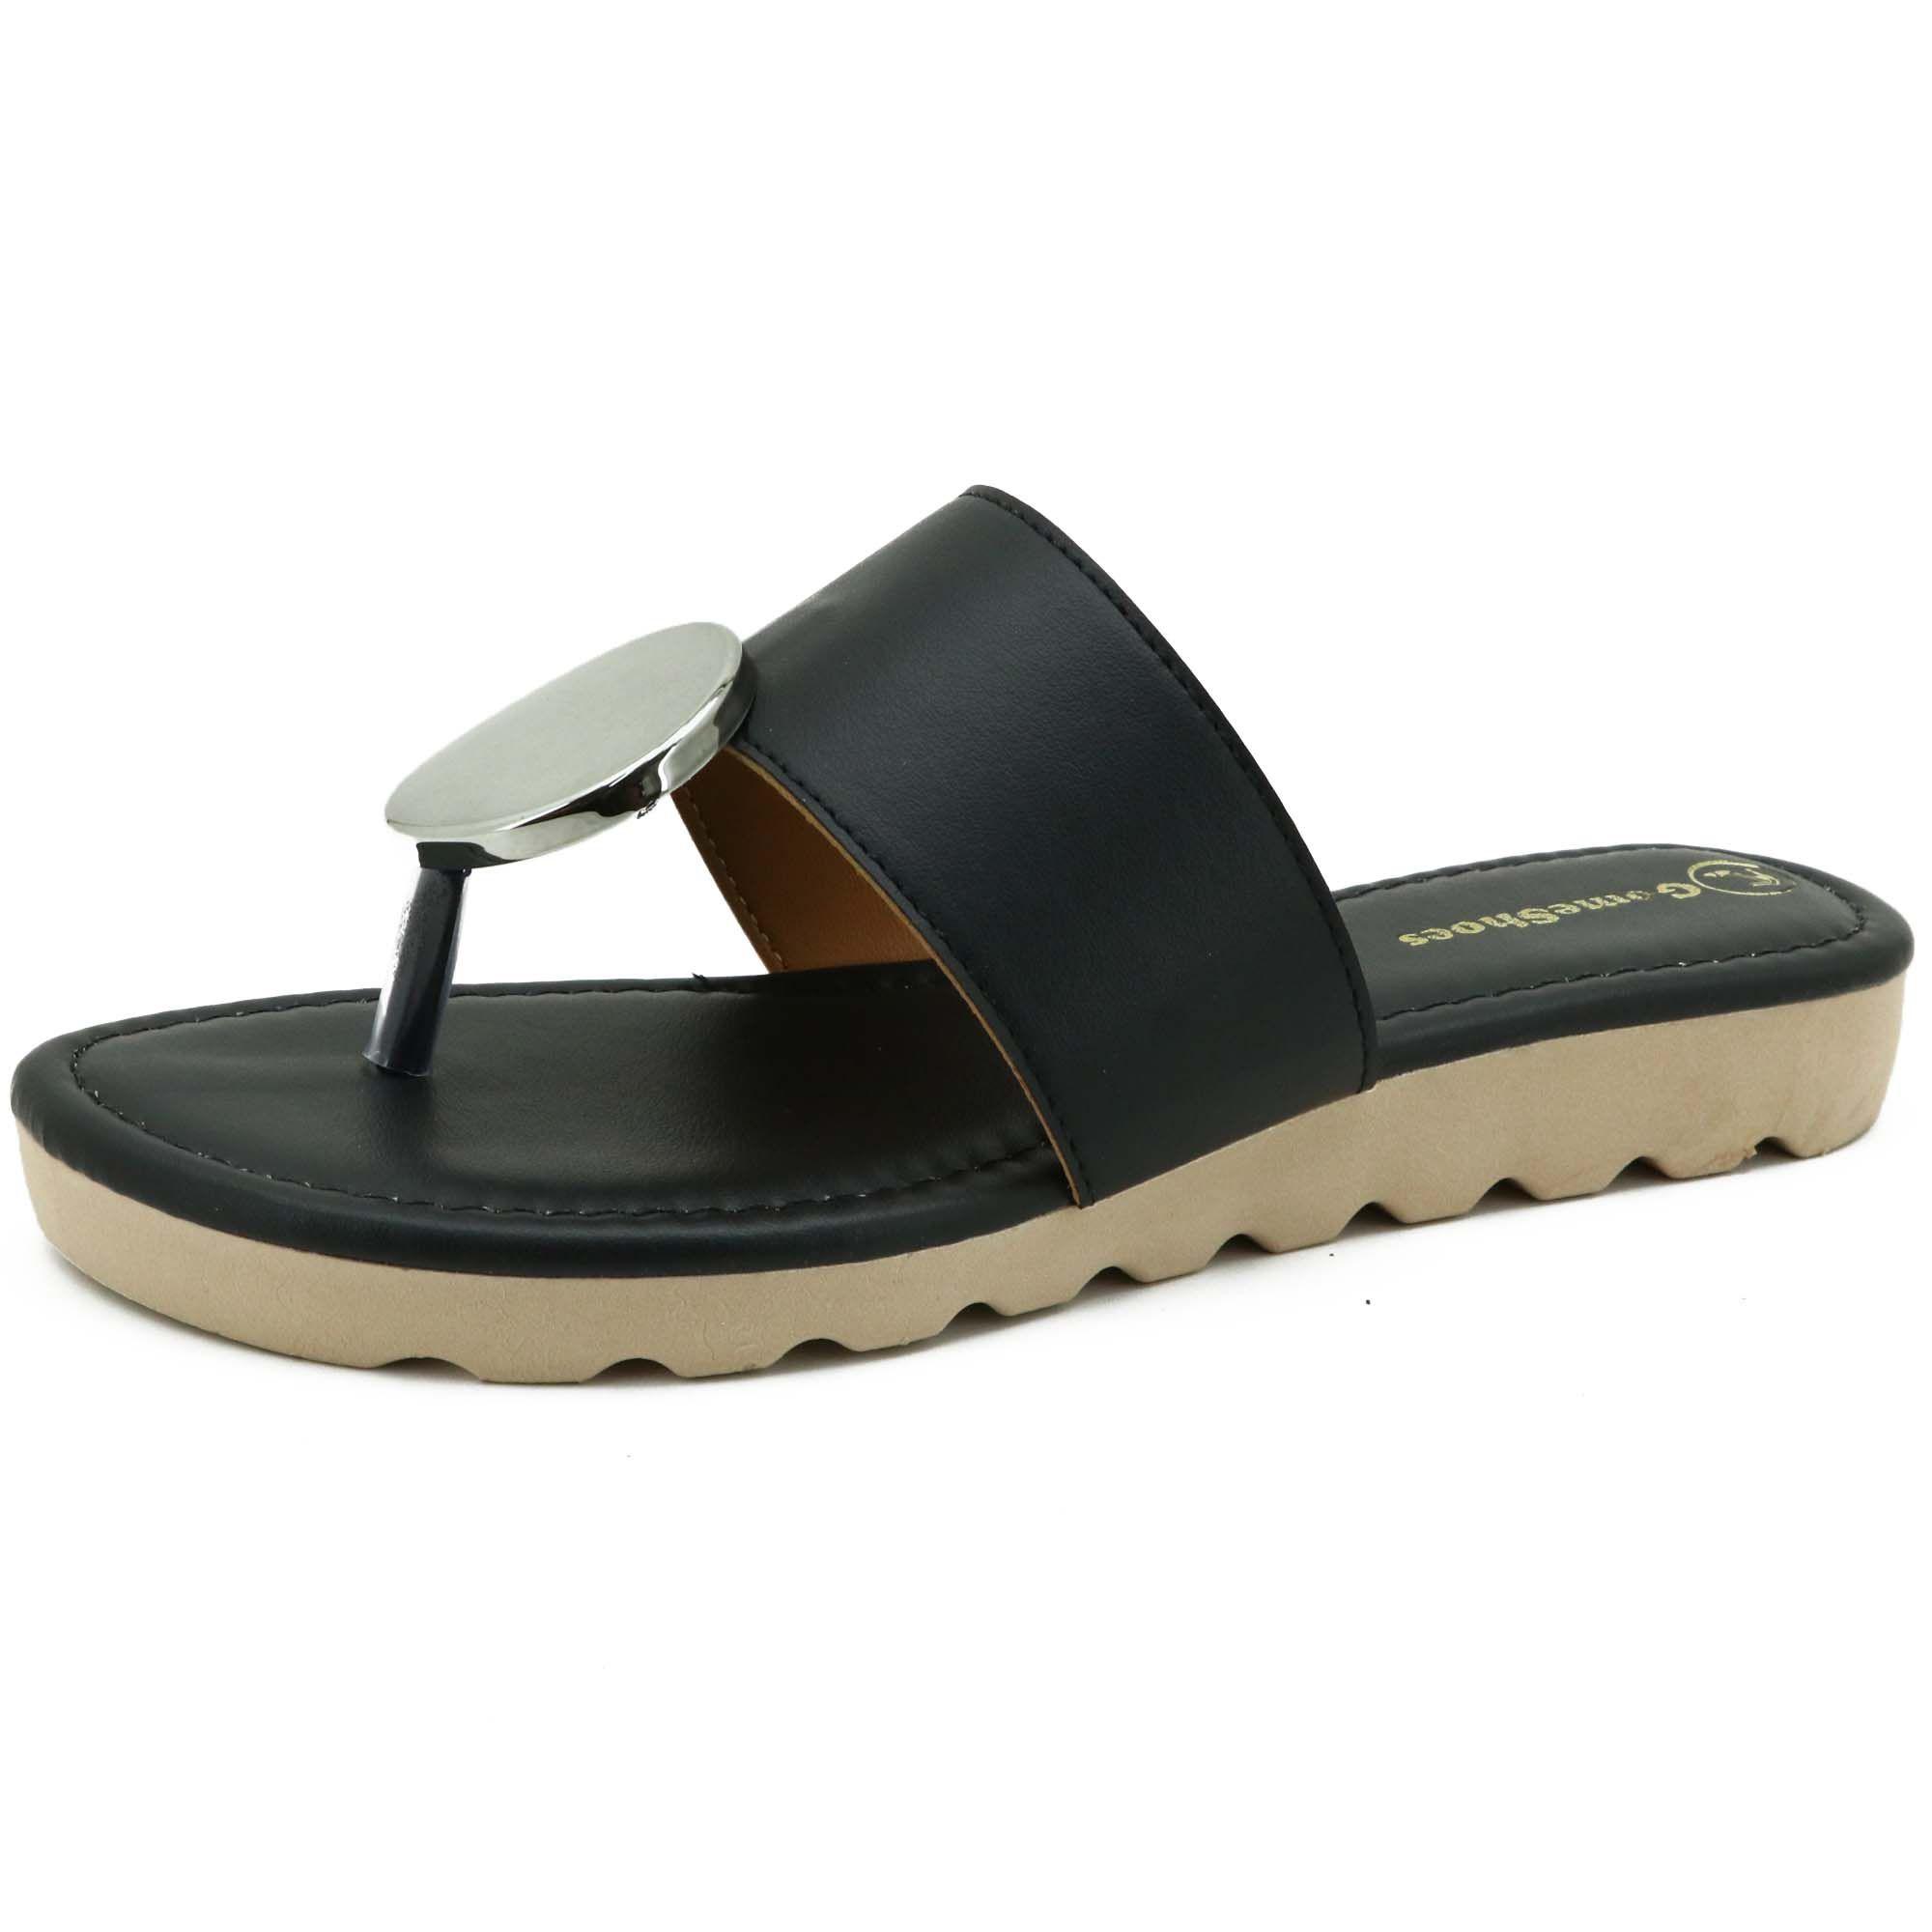 Sandália feminina de couro legítimo na cor preta com metal prata 01